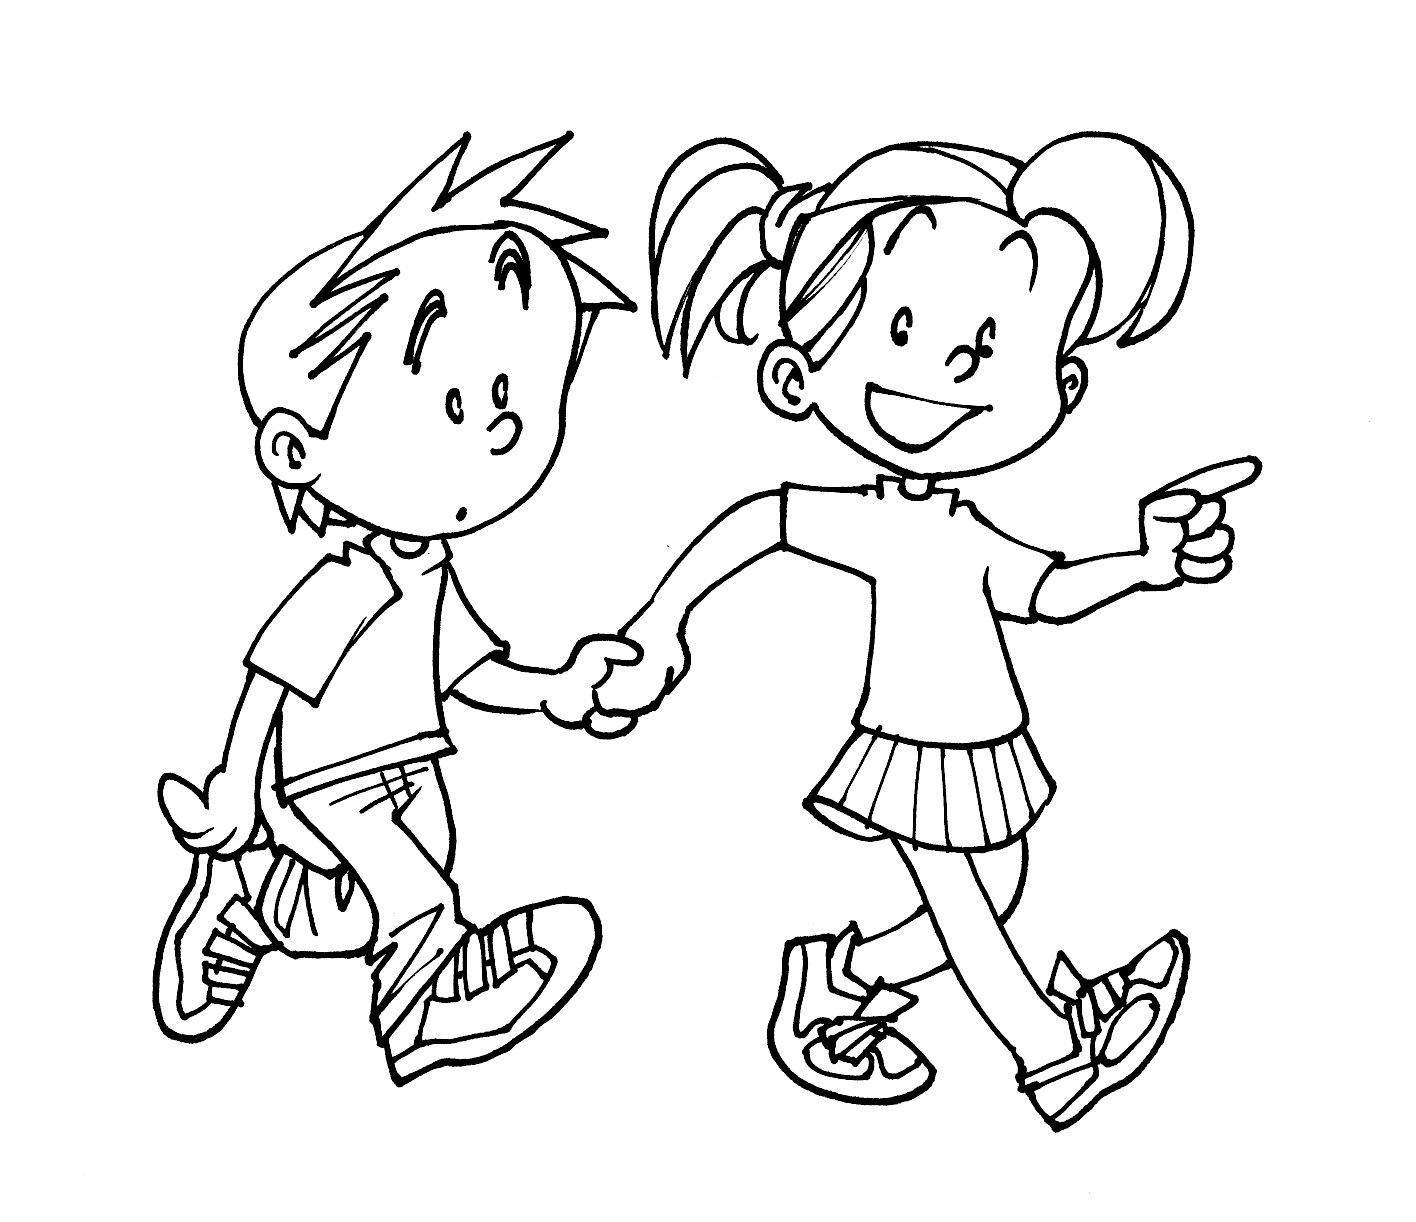 Imagenes de niño caminando para colorear - Imagui